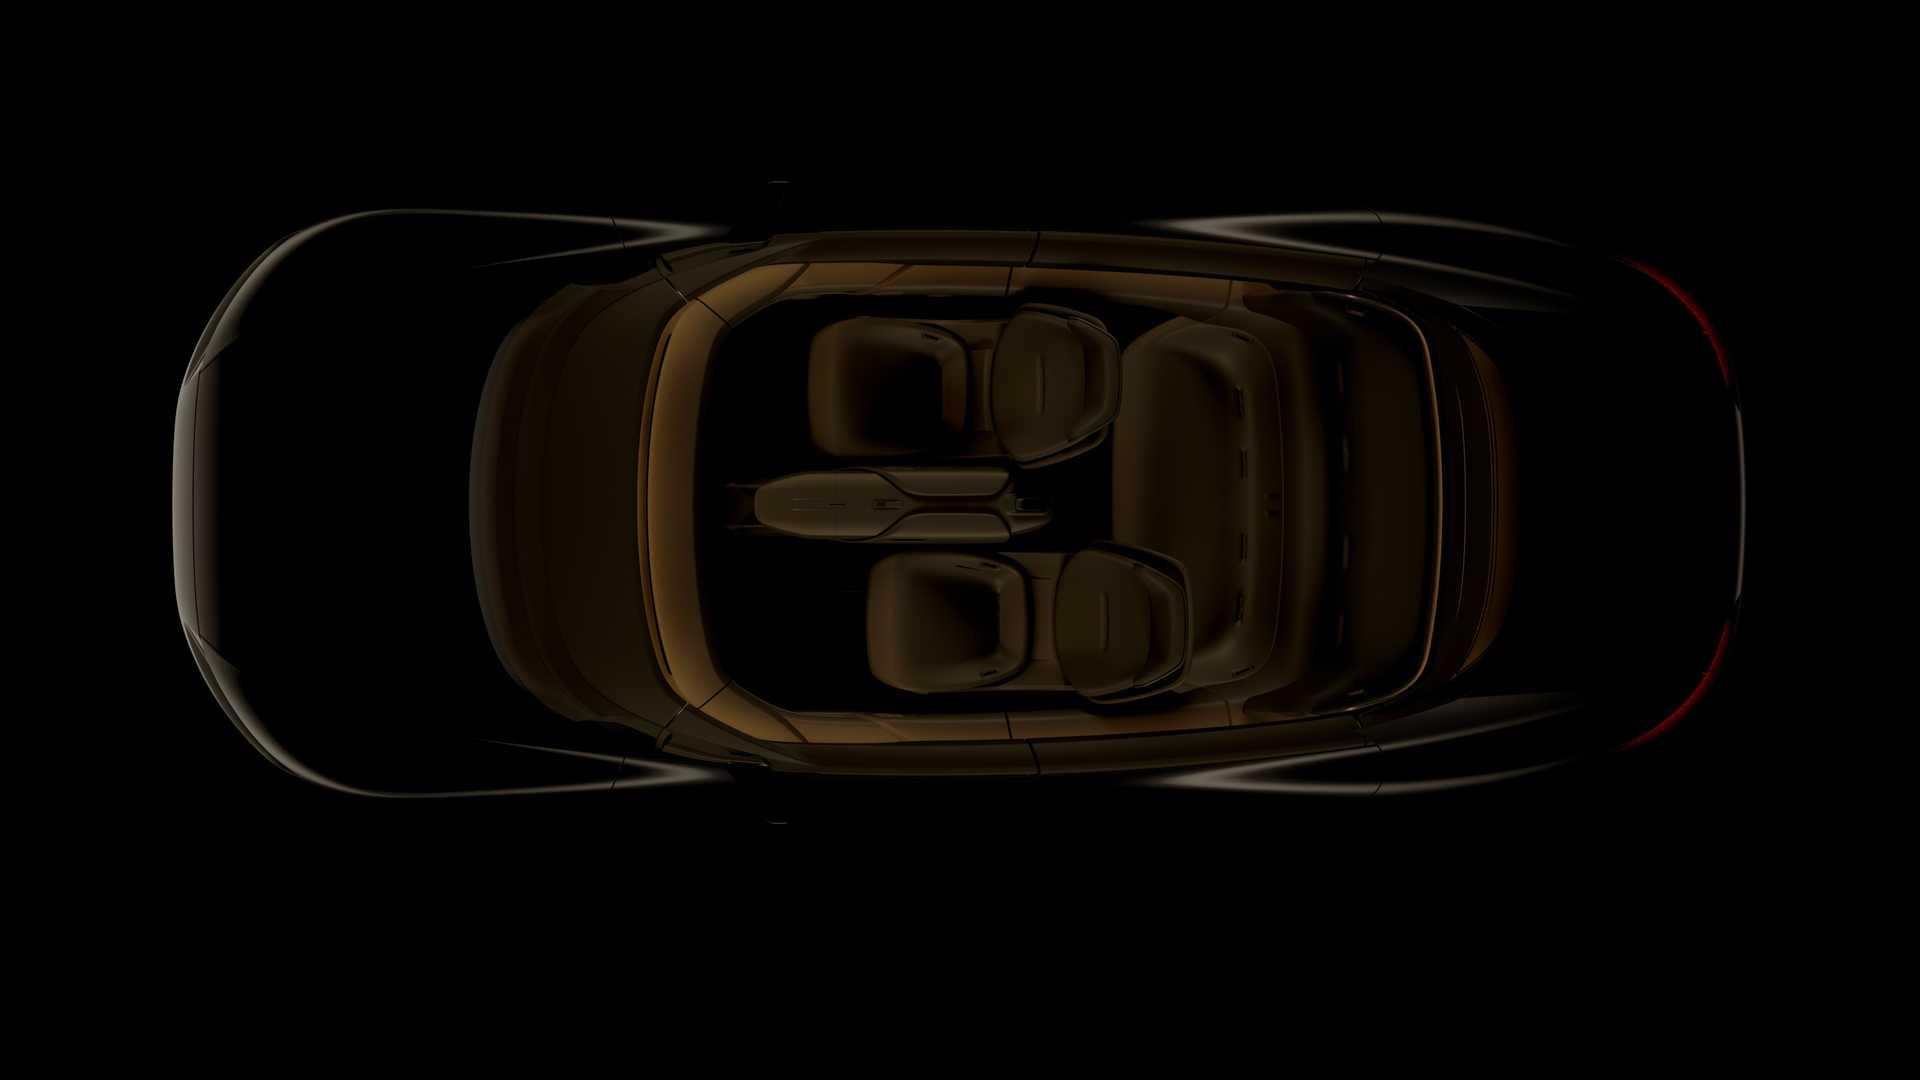 奥迪Grand Sphere概念车将于慕尼黑车展亮相